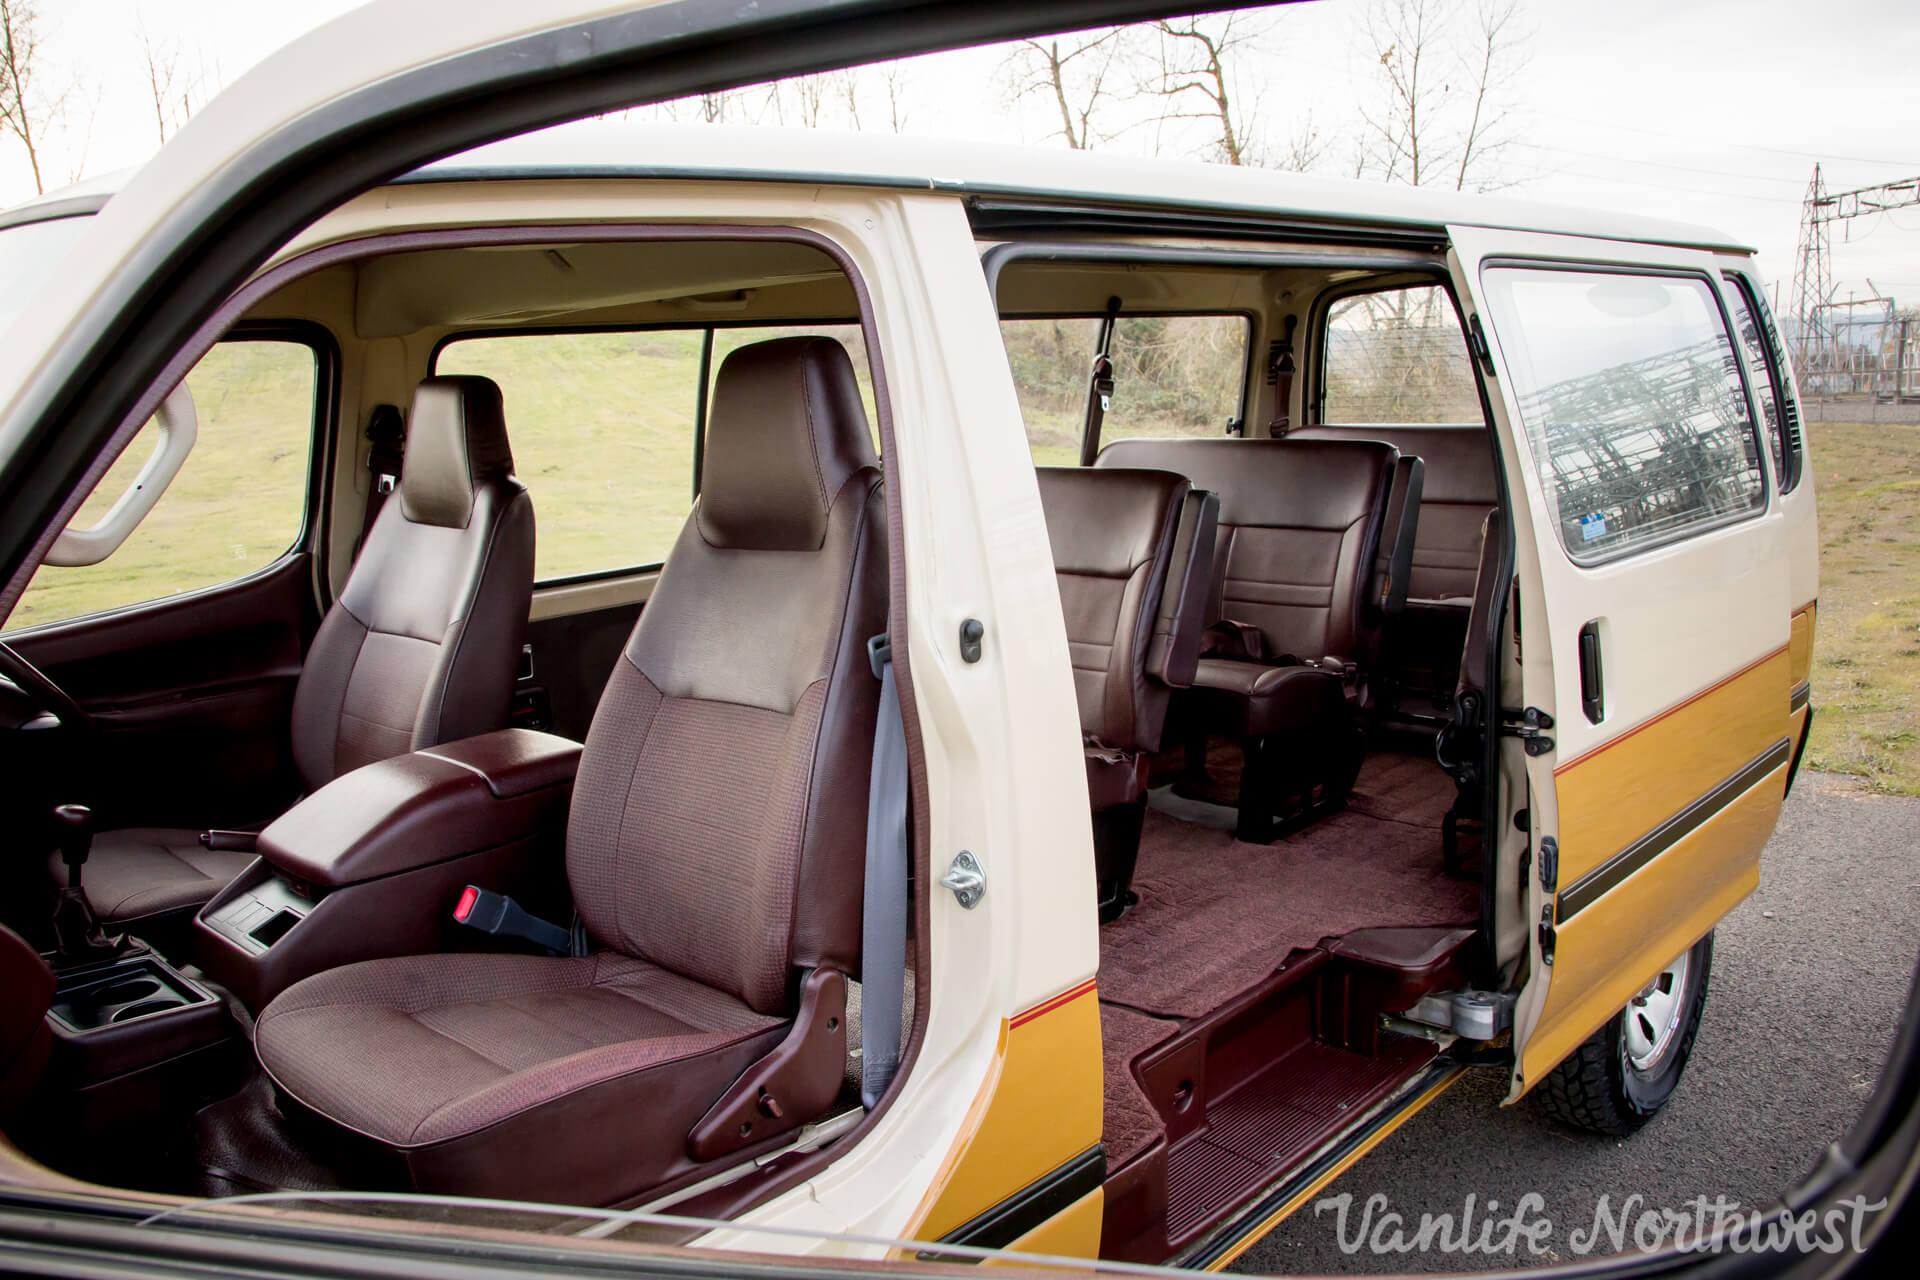 ToyotaHiaceLH117Aric-19.jpg